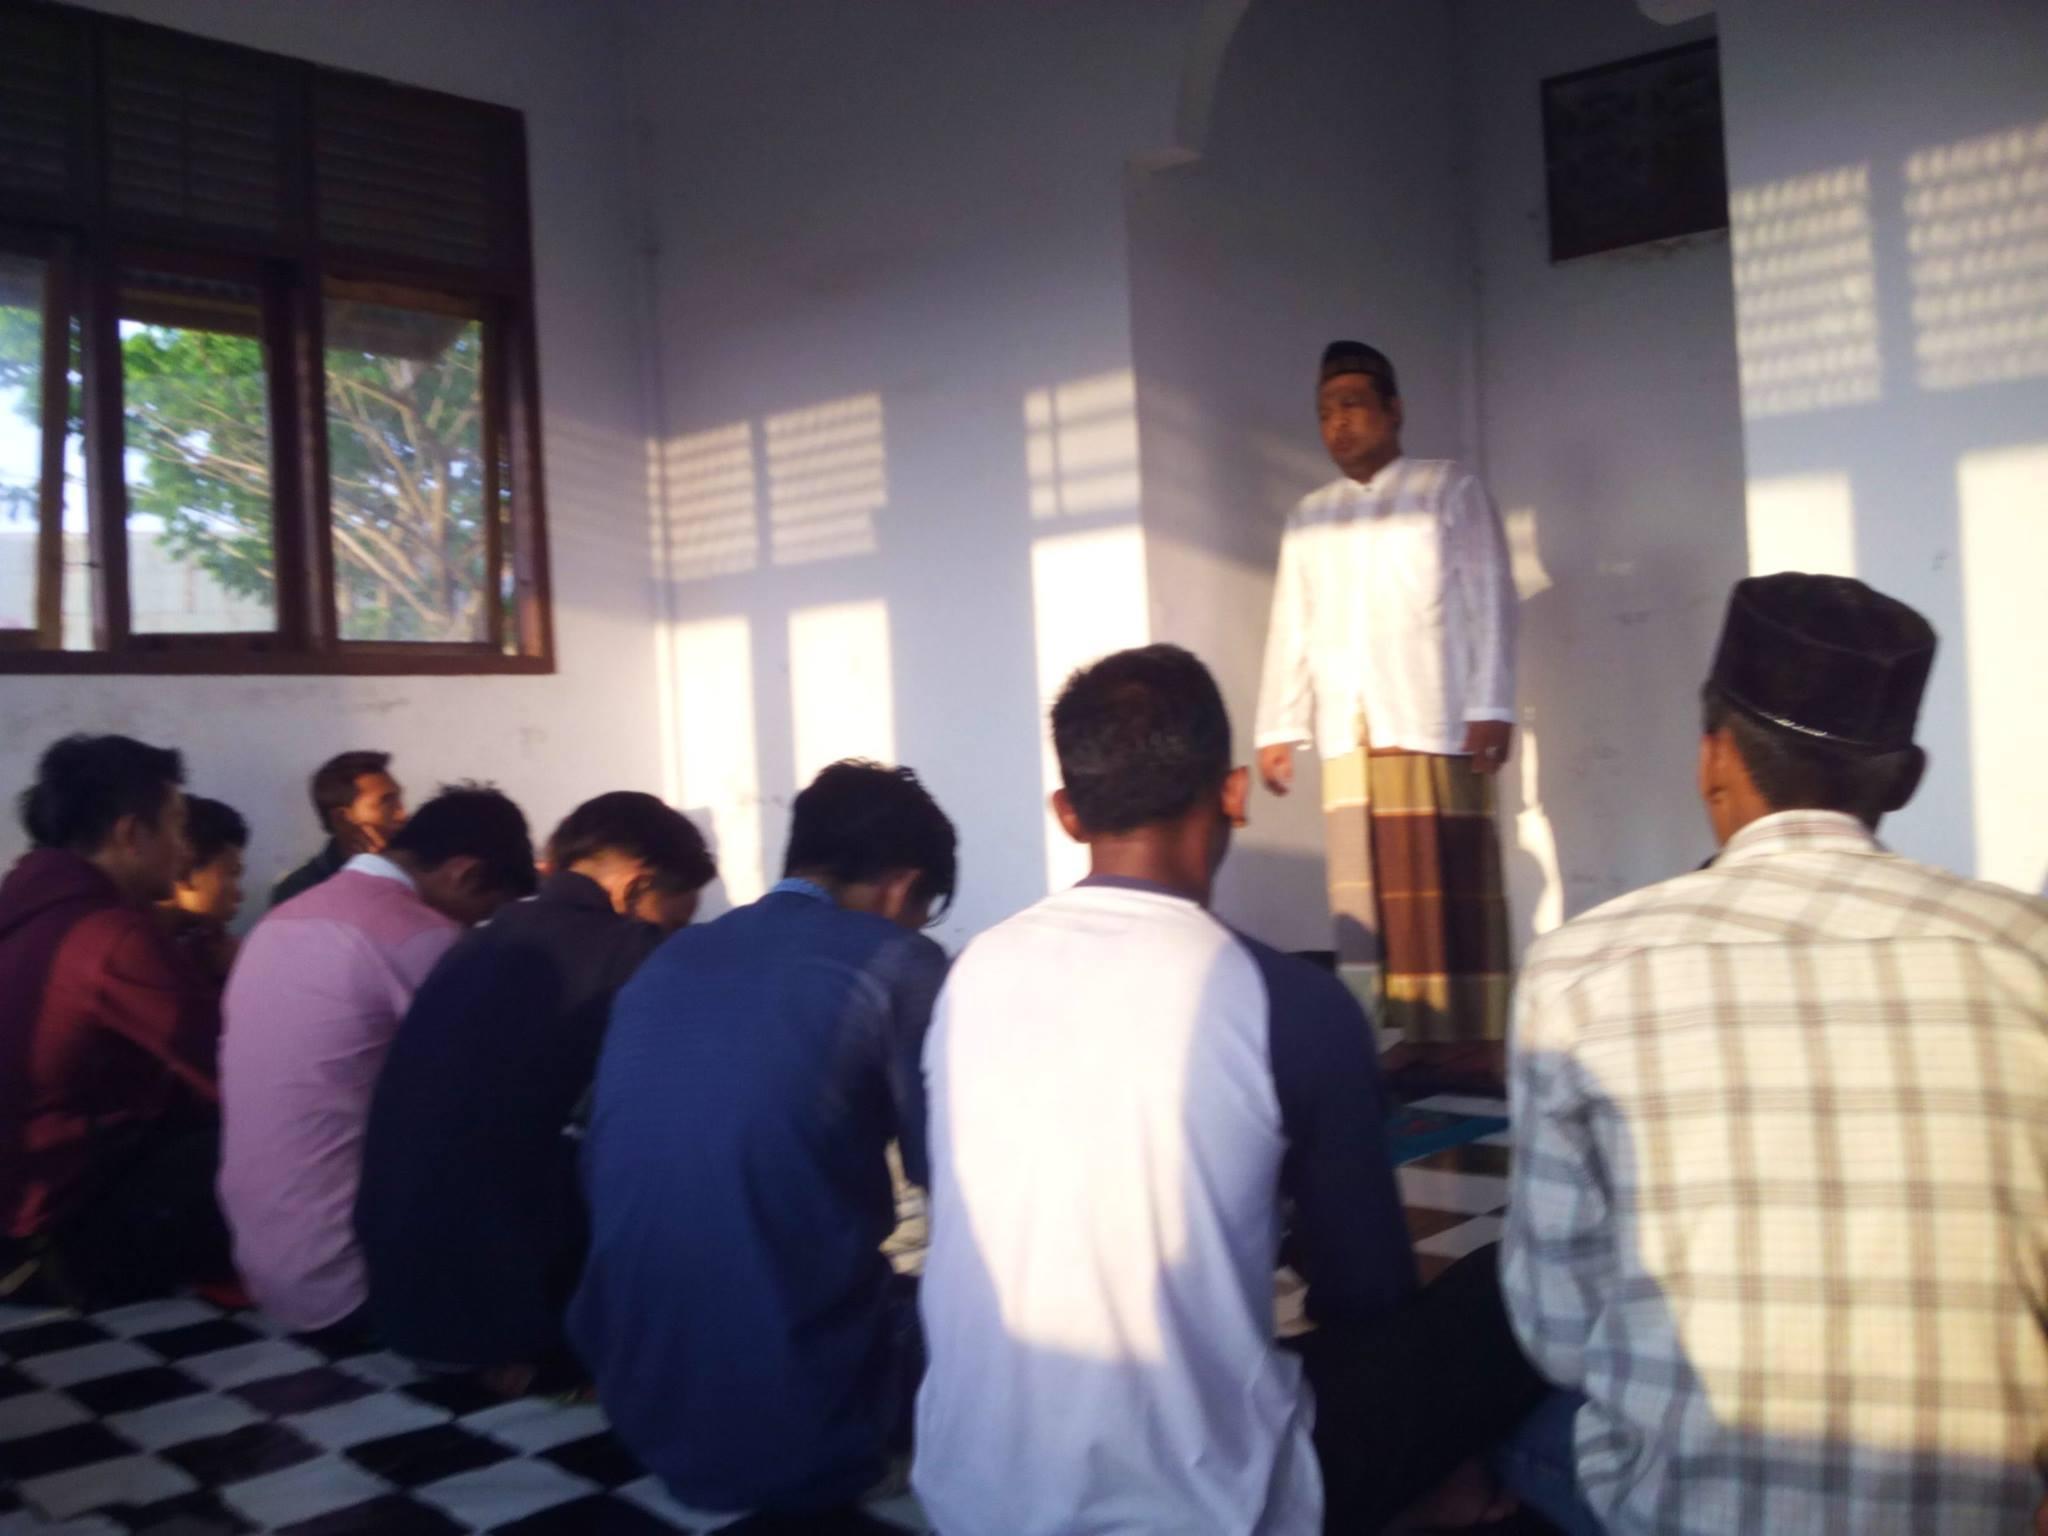 Pusat Studi Ilmu Falak Gelar Pengamatan GMS dan Shalat Kusuf